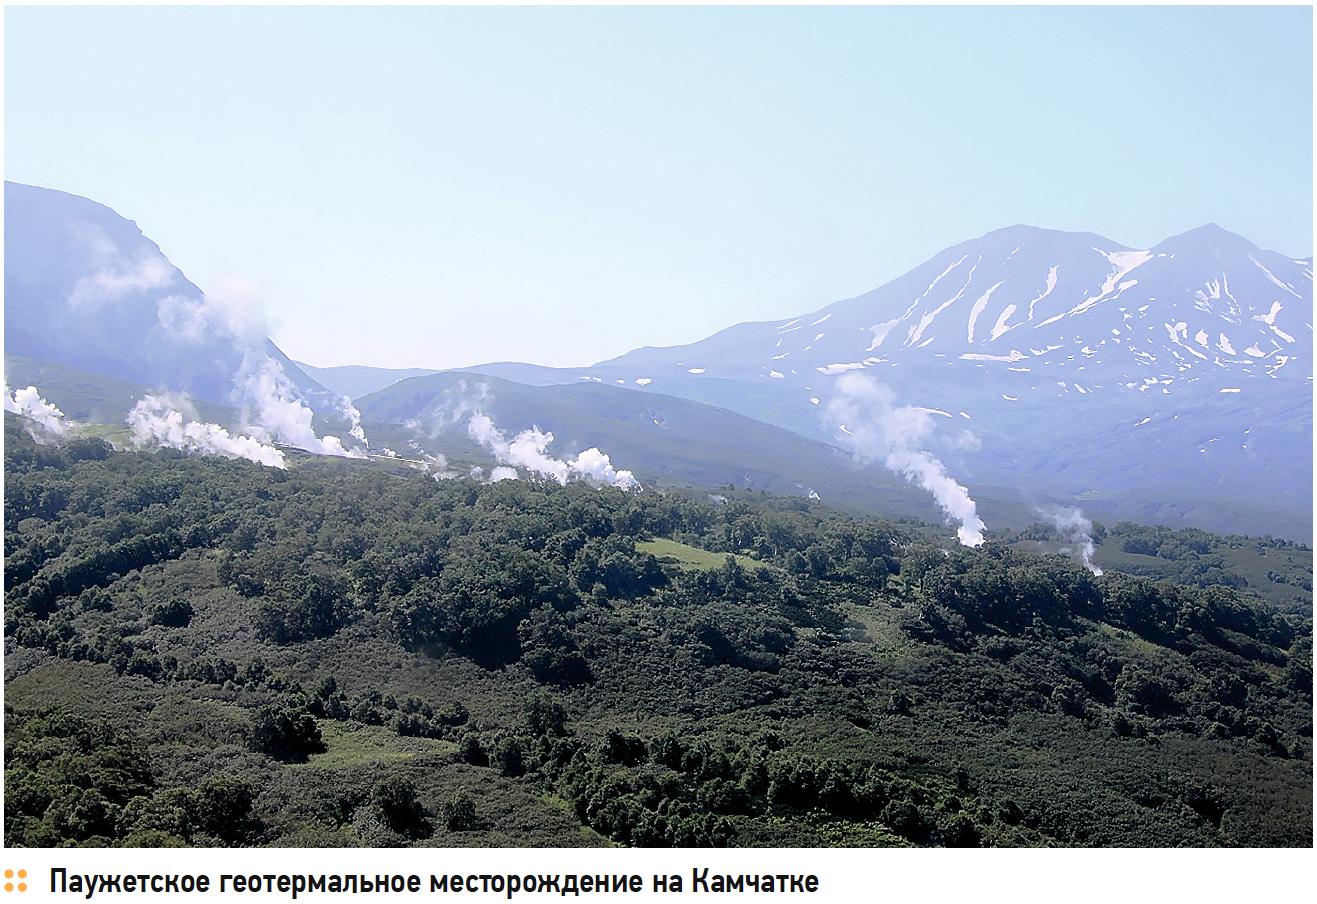 Паужетское геотермальное месторождение на Камчатке